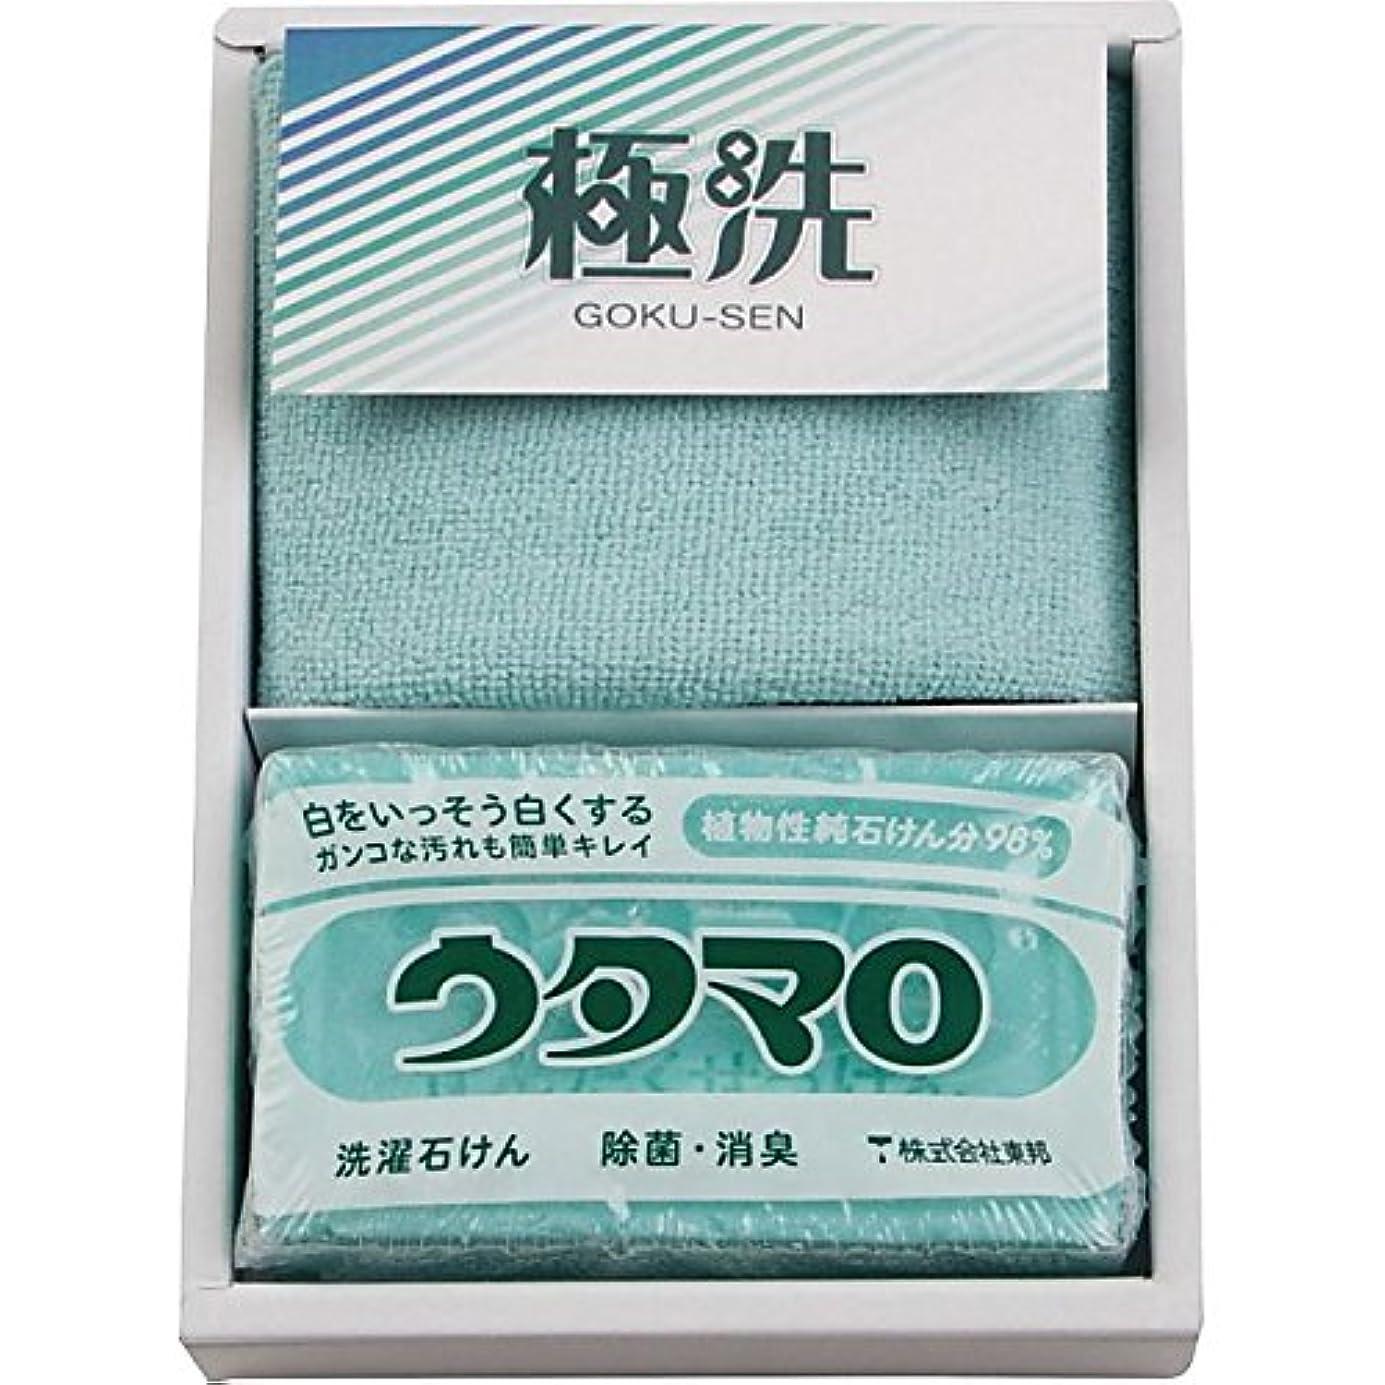 英語の授業がありますトレード出来事(ウタマロ) 石鹸セット (835-1053r)